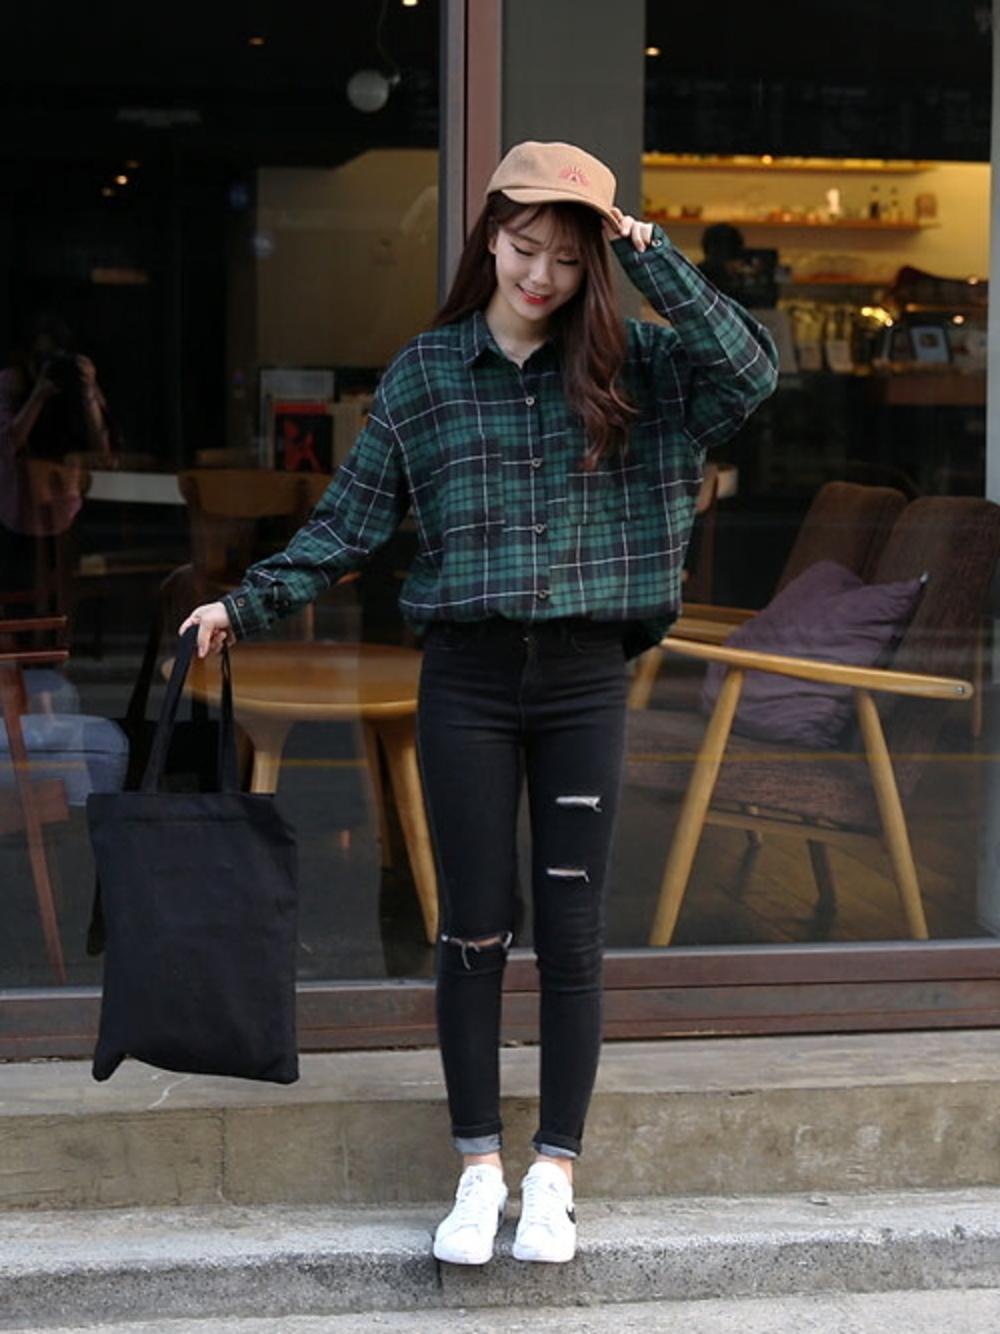 グリーンチェックシャツ×黒スキニーパンツ